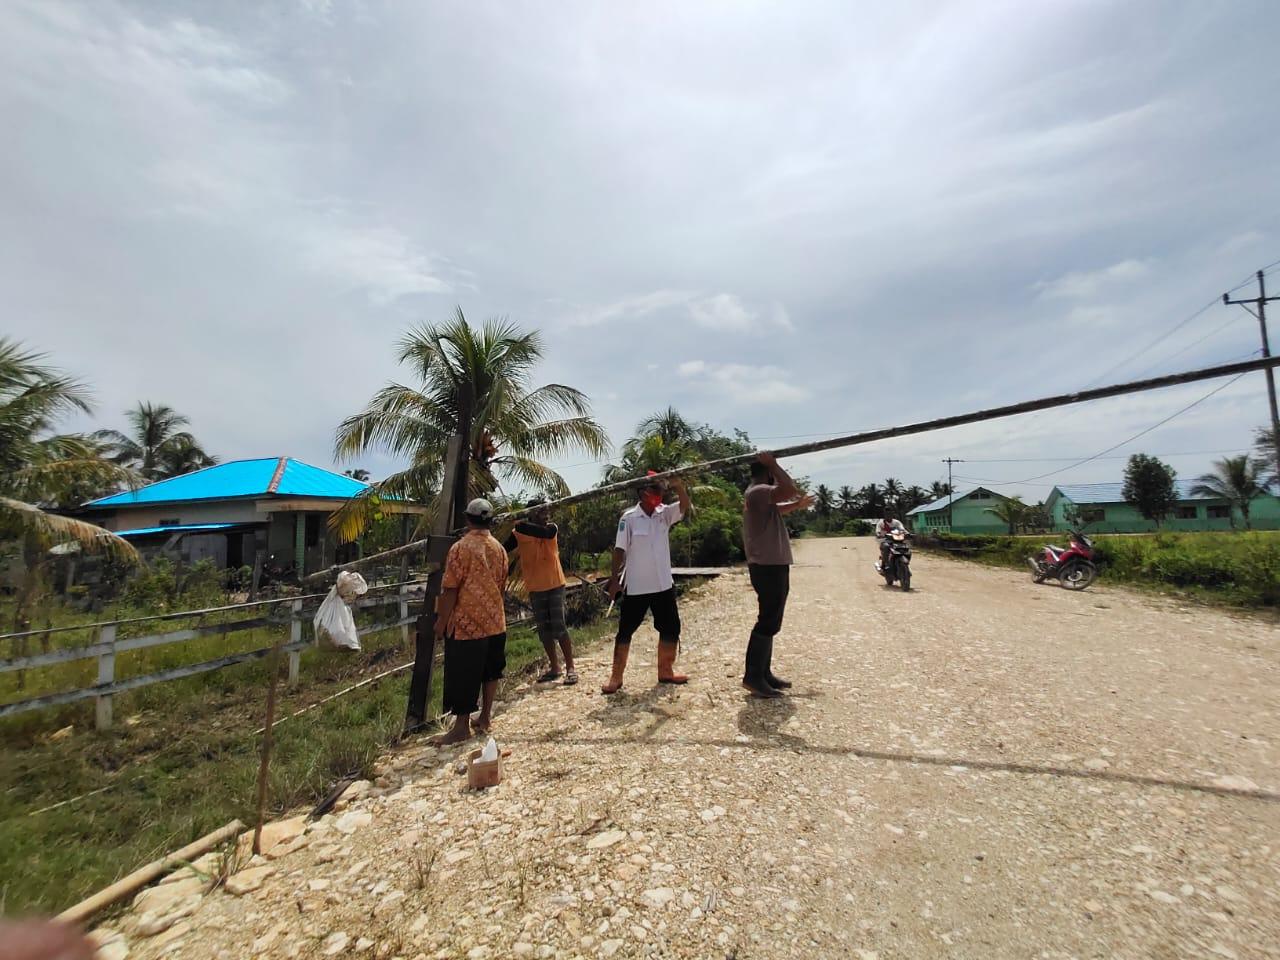 Jalin Kedekatan Dan Tali Silaturahmi, Bhabinkamtibmas Kampung Klagulu<br>Polsek Beraur Melaksanakan Kerja Bakti Bersama Warga Masyarakat